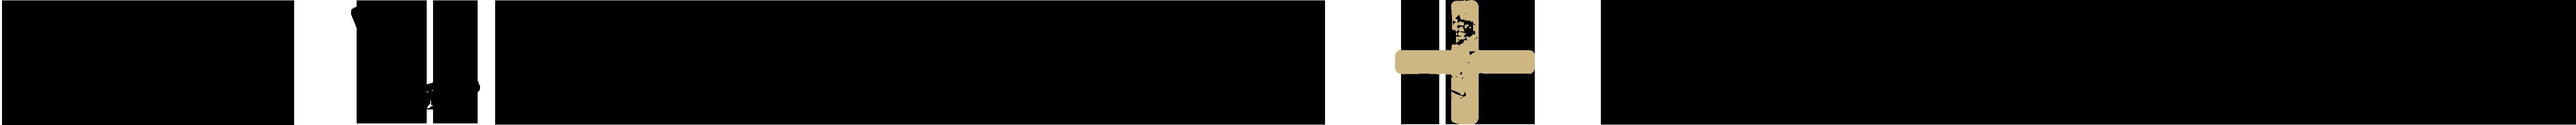 615 Leverage + Strategy horizontal logo